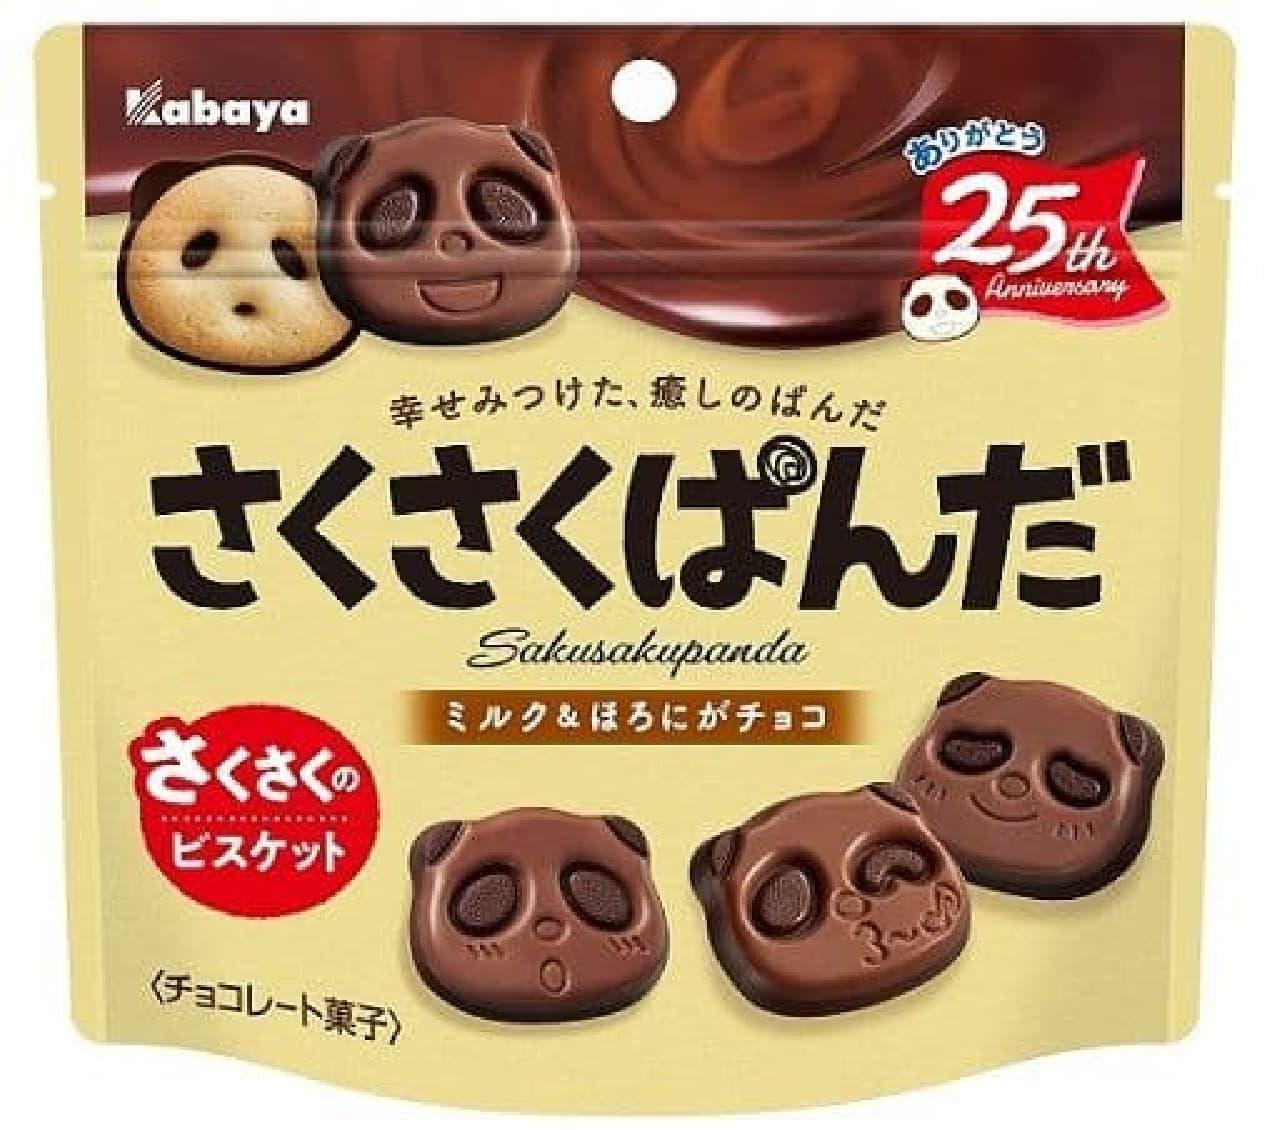 チョコレート菓子「さくさくぱんだ」